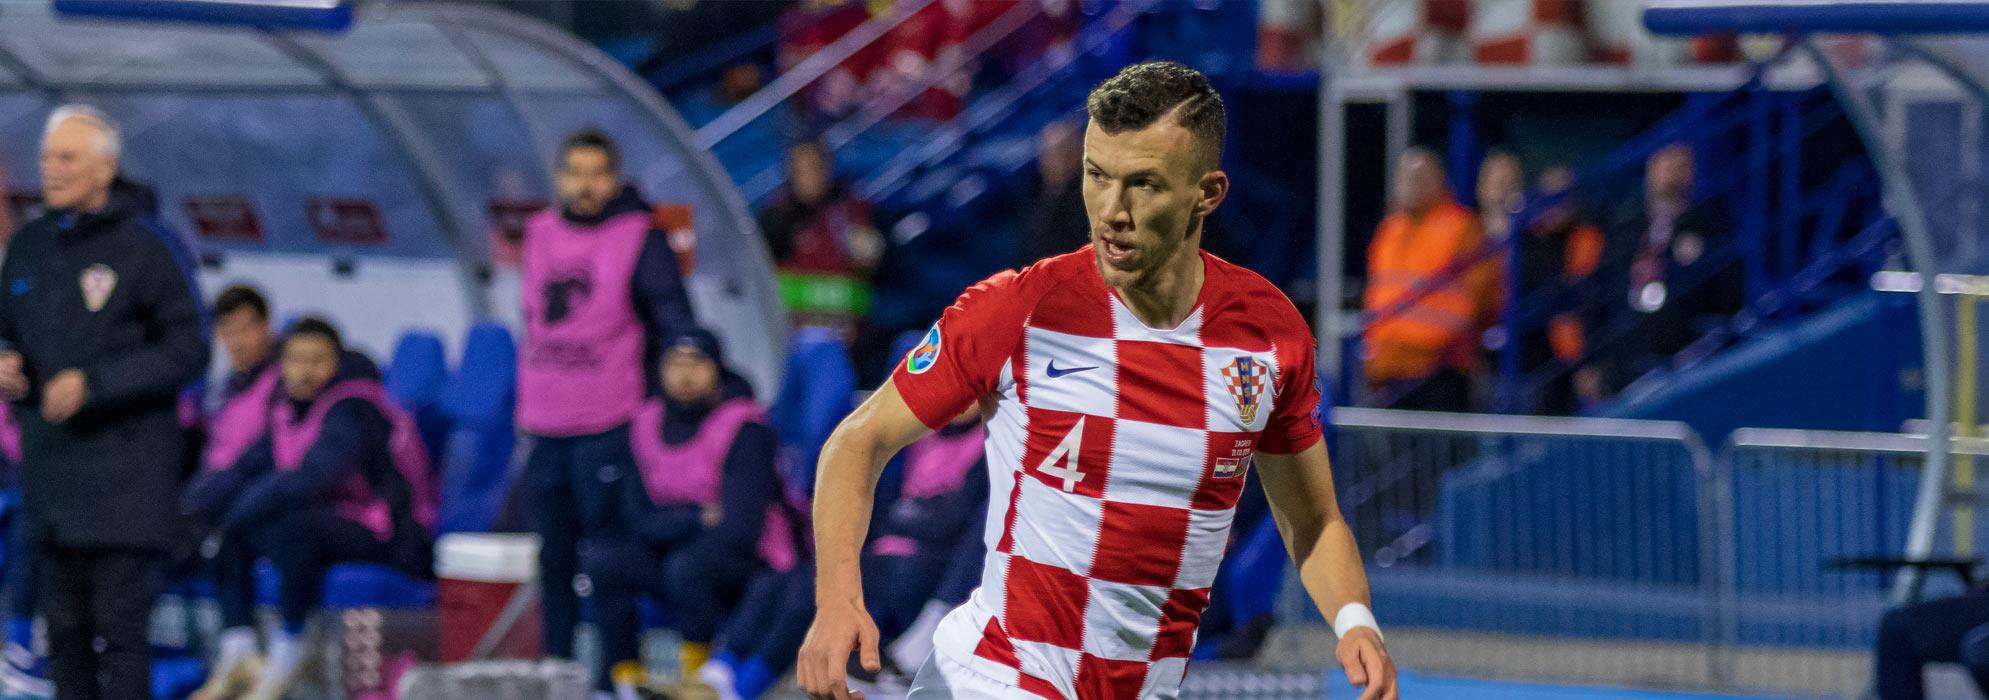 Ivan Perišić - LJ SPORTS GROUP - 0